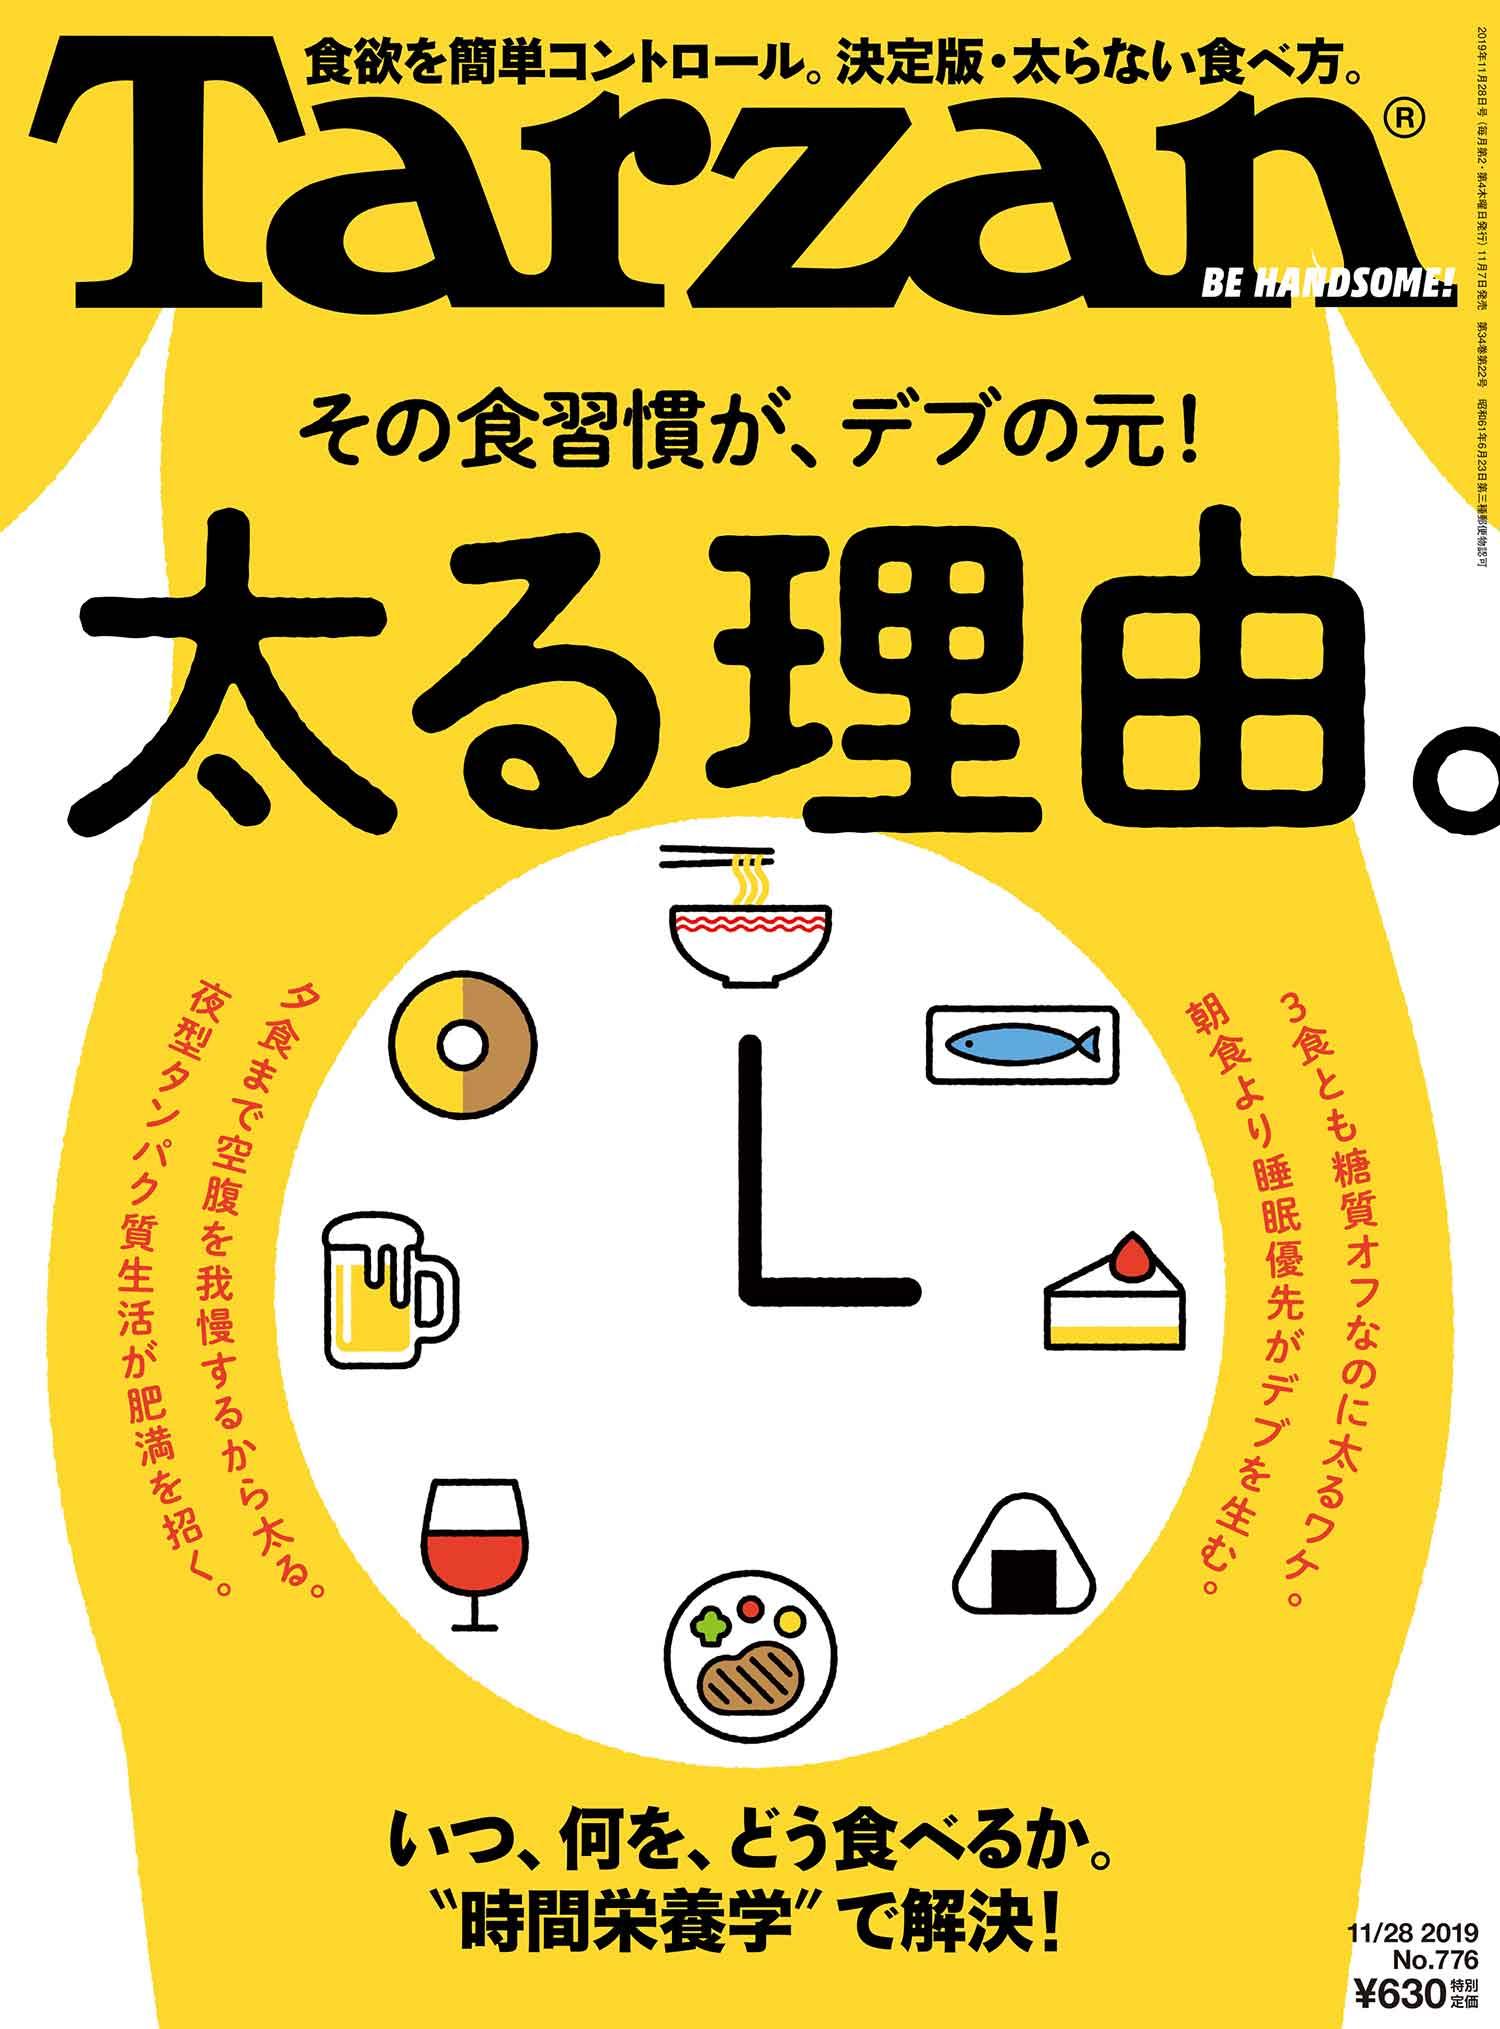 『ターザン』776号「太る理由」特集の表紙